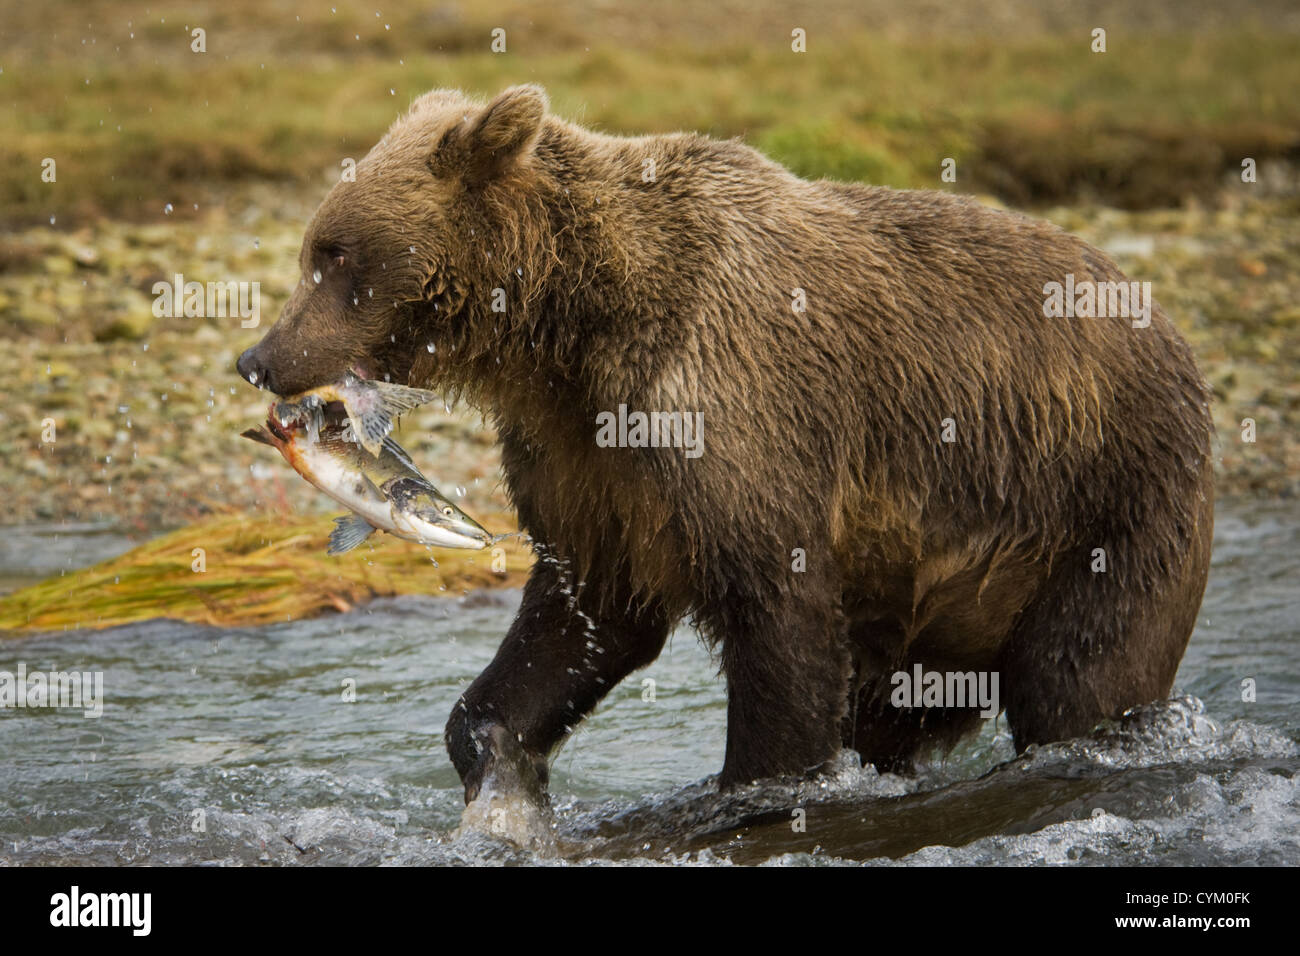 Orso grizzly (Ursus arctos) con un salmone pescato nel fiume, Katmai national park, Alaska, Stati Uniti d'America. Immagini Stock